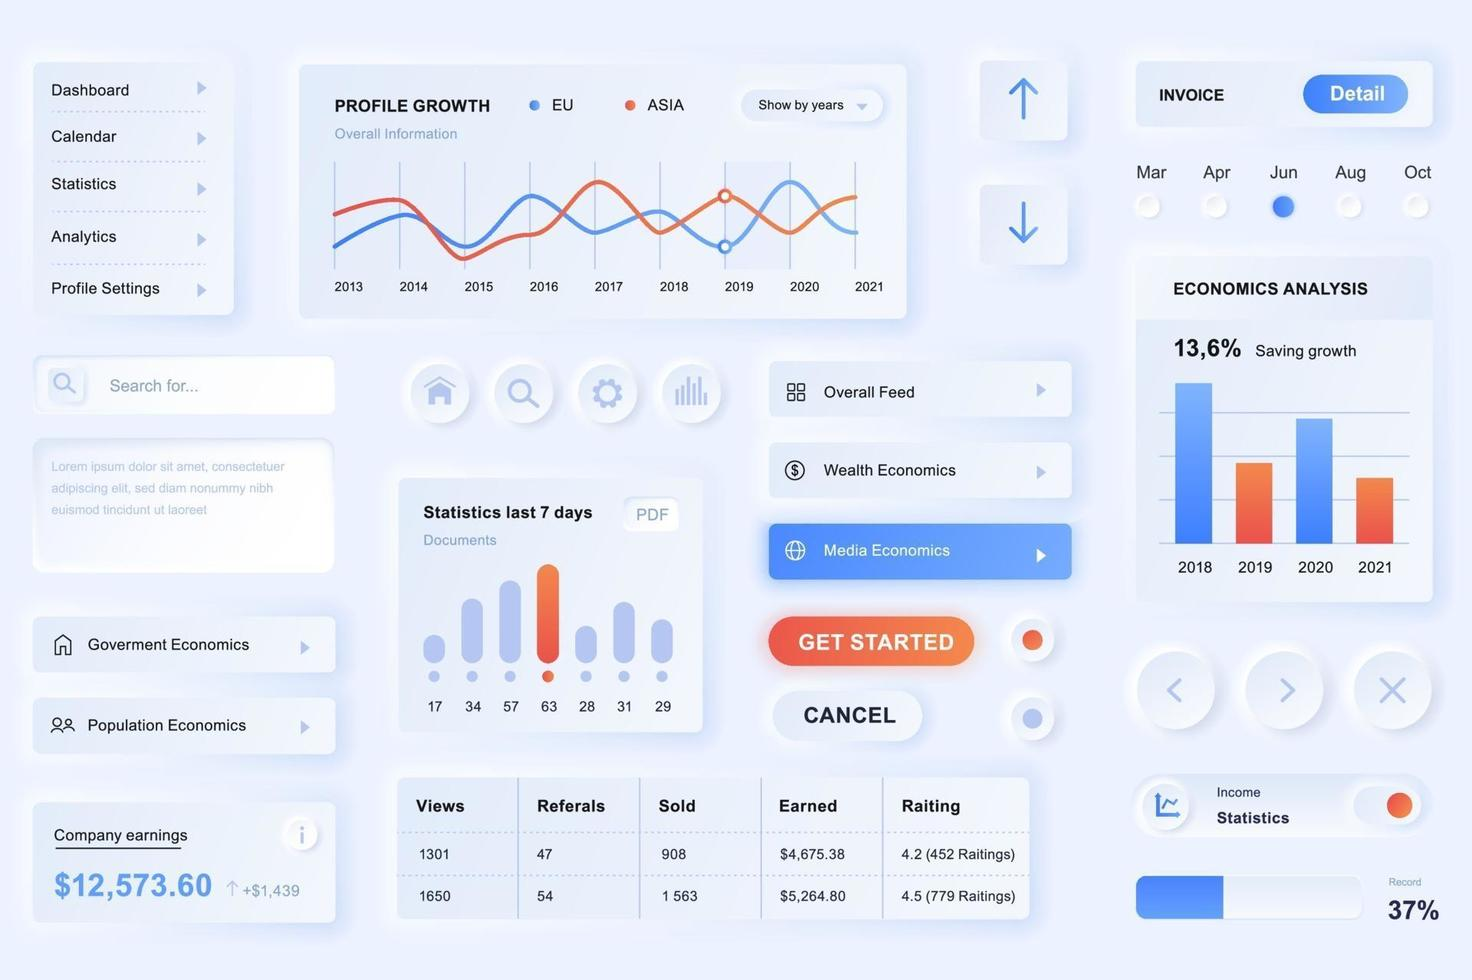 Elemente der Benutzeroberfläche für die Datenanalyse App neumorphic Design UI-Elemente Vorlage vektor